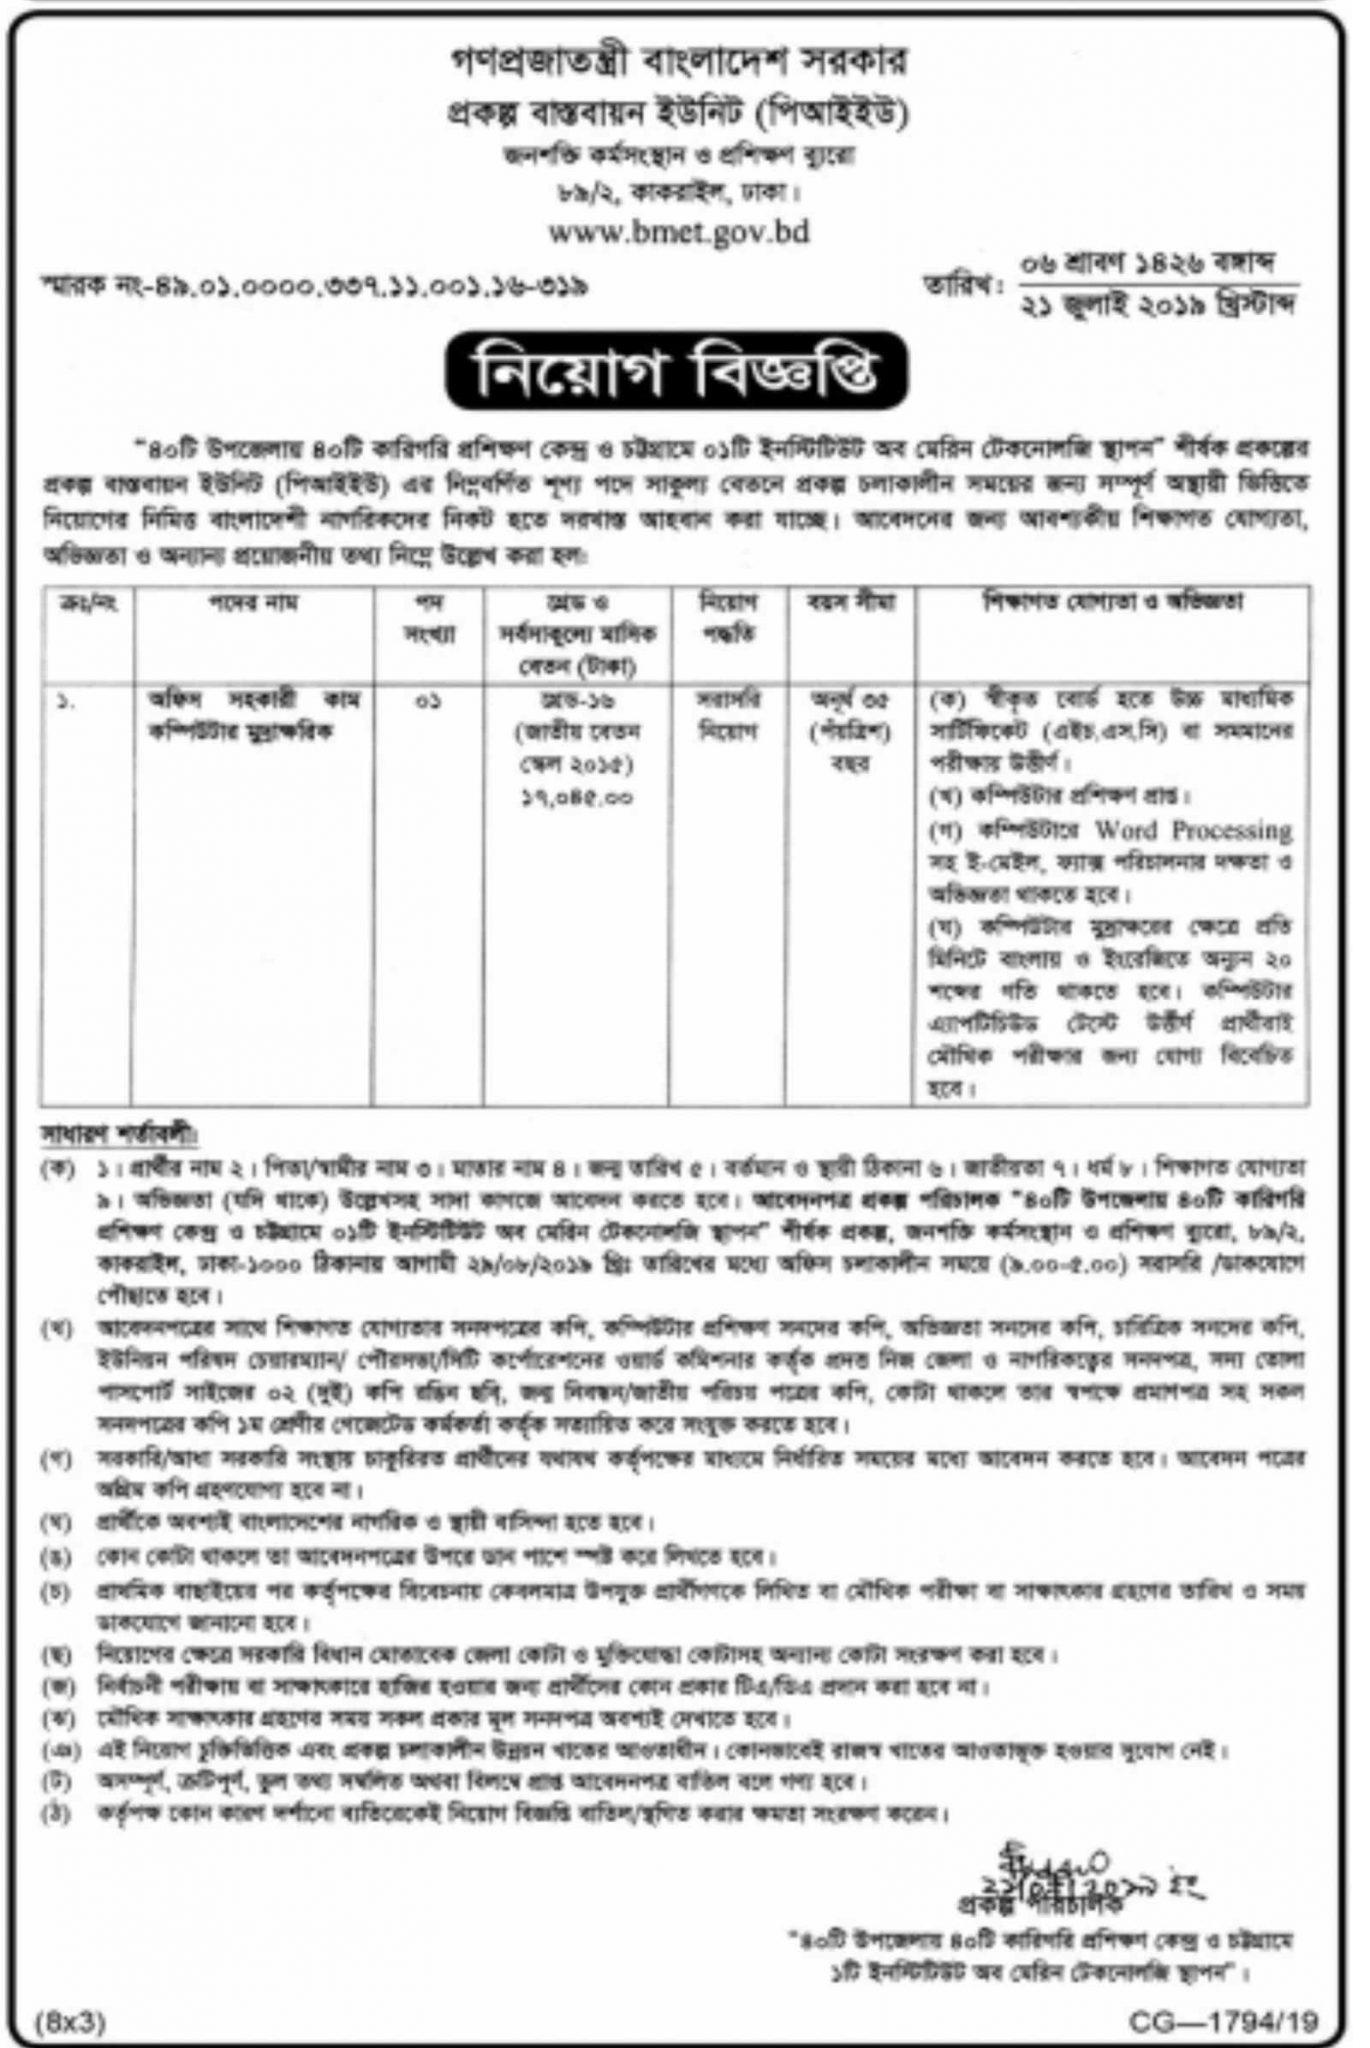 Bangladesh Bureau of Statistics Job Circular 2019